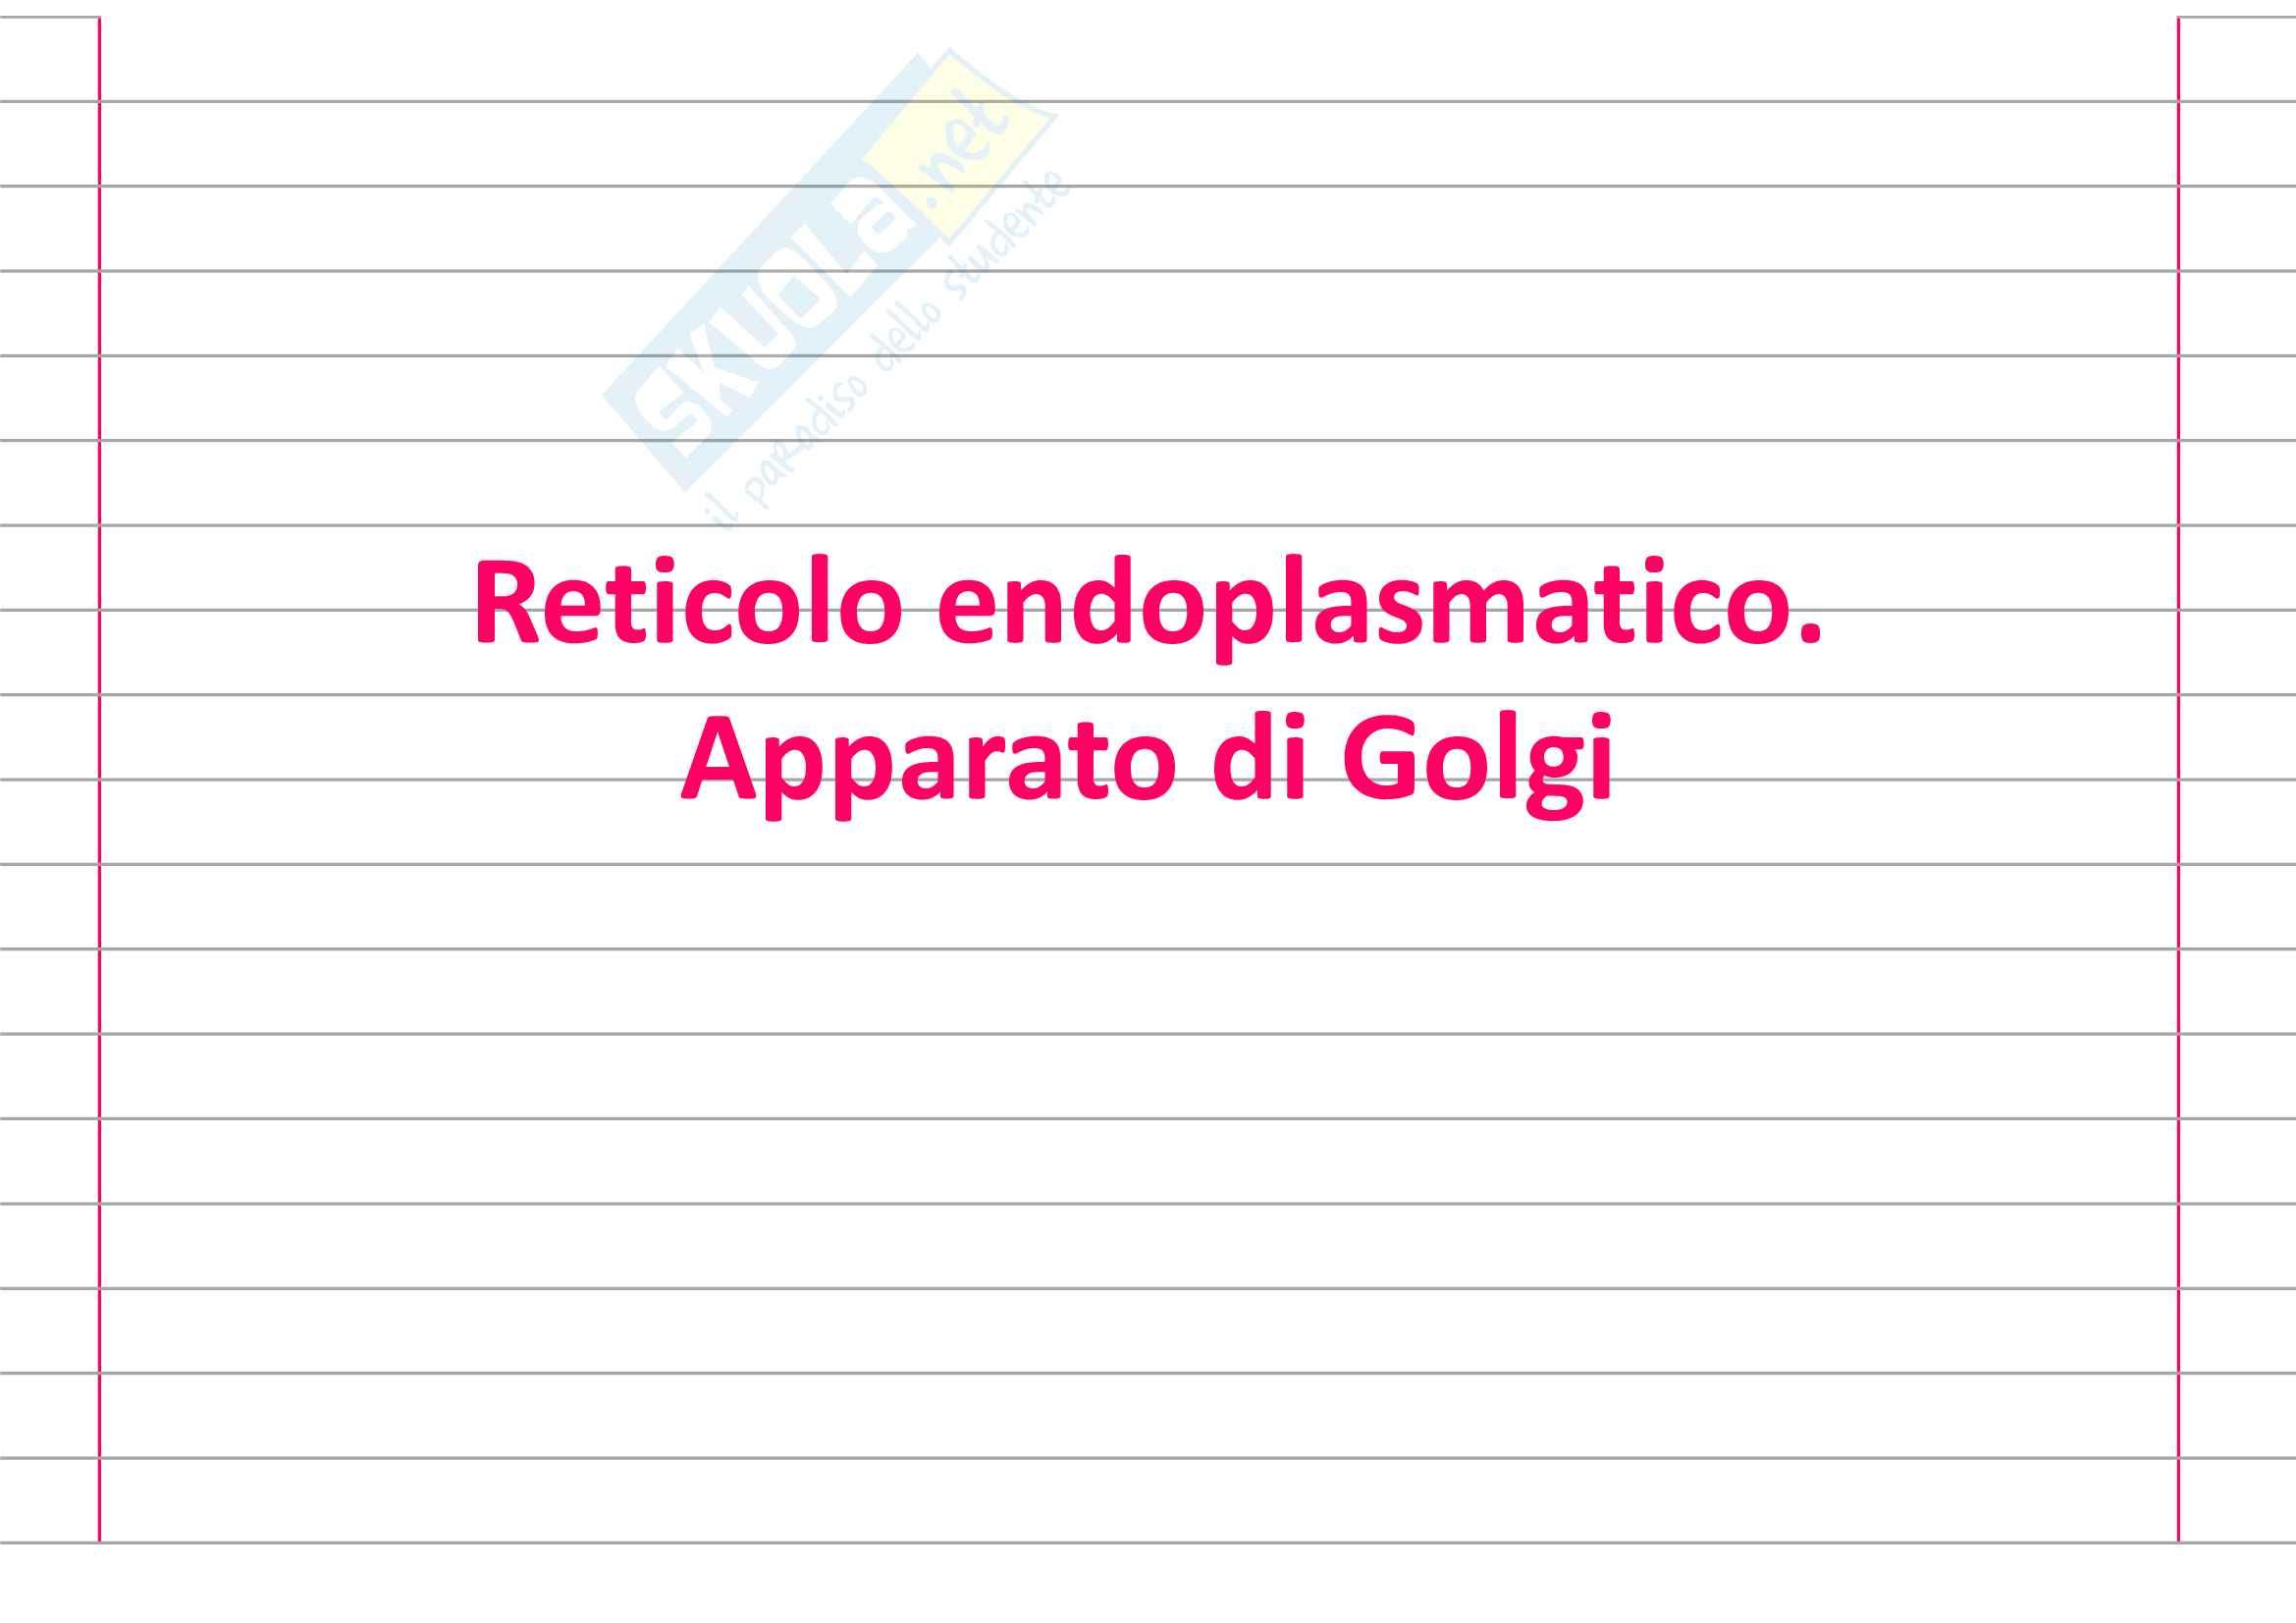 Reticolo endoplasmatico, Apparato di Golgi